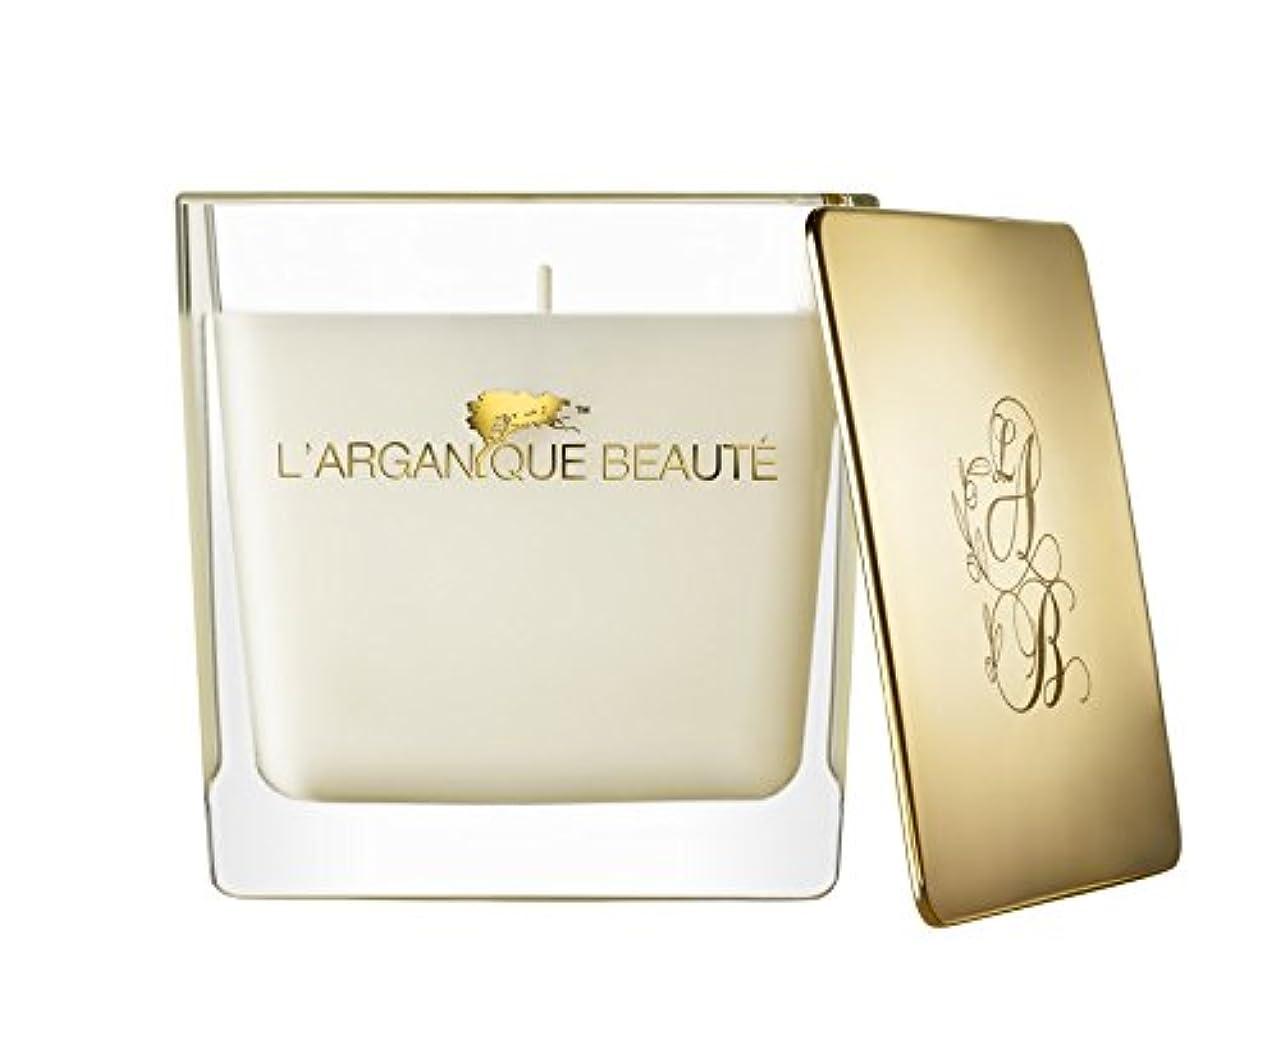 郡委員長下着L 'arganique Beaute Luxury Scented Candle、Perfumed香りSpa Candle?–?Made w/100?%大豆ワックス、鉛フリーWick、純粋なモロッコアルガンオイルEssence?–?For Baths、クリスマス、休日、 14.1oz